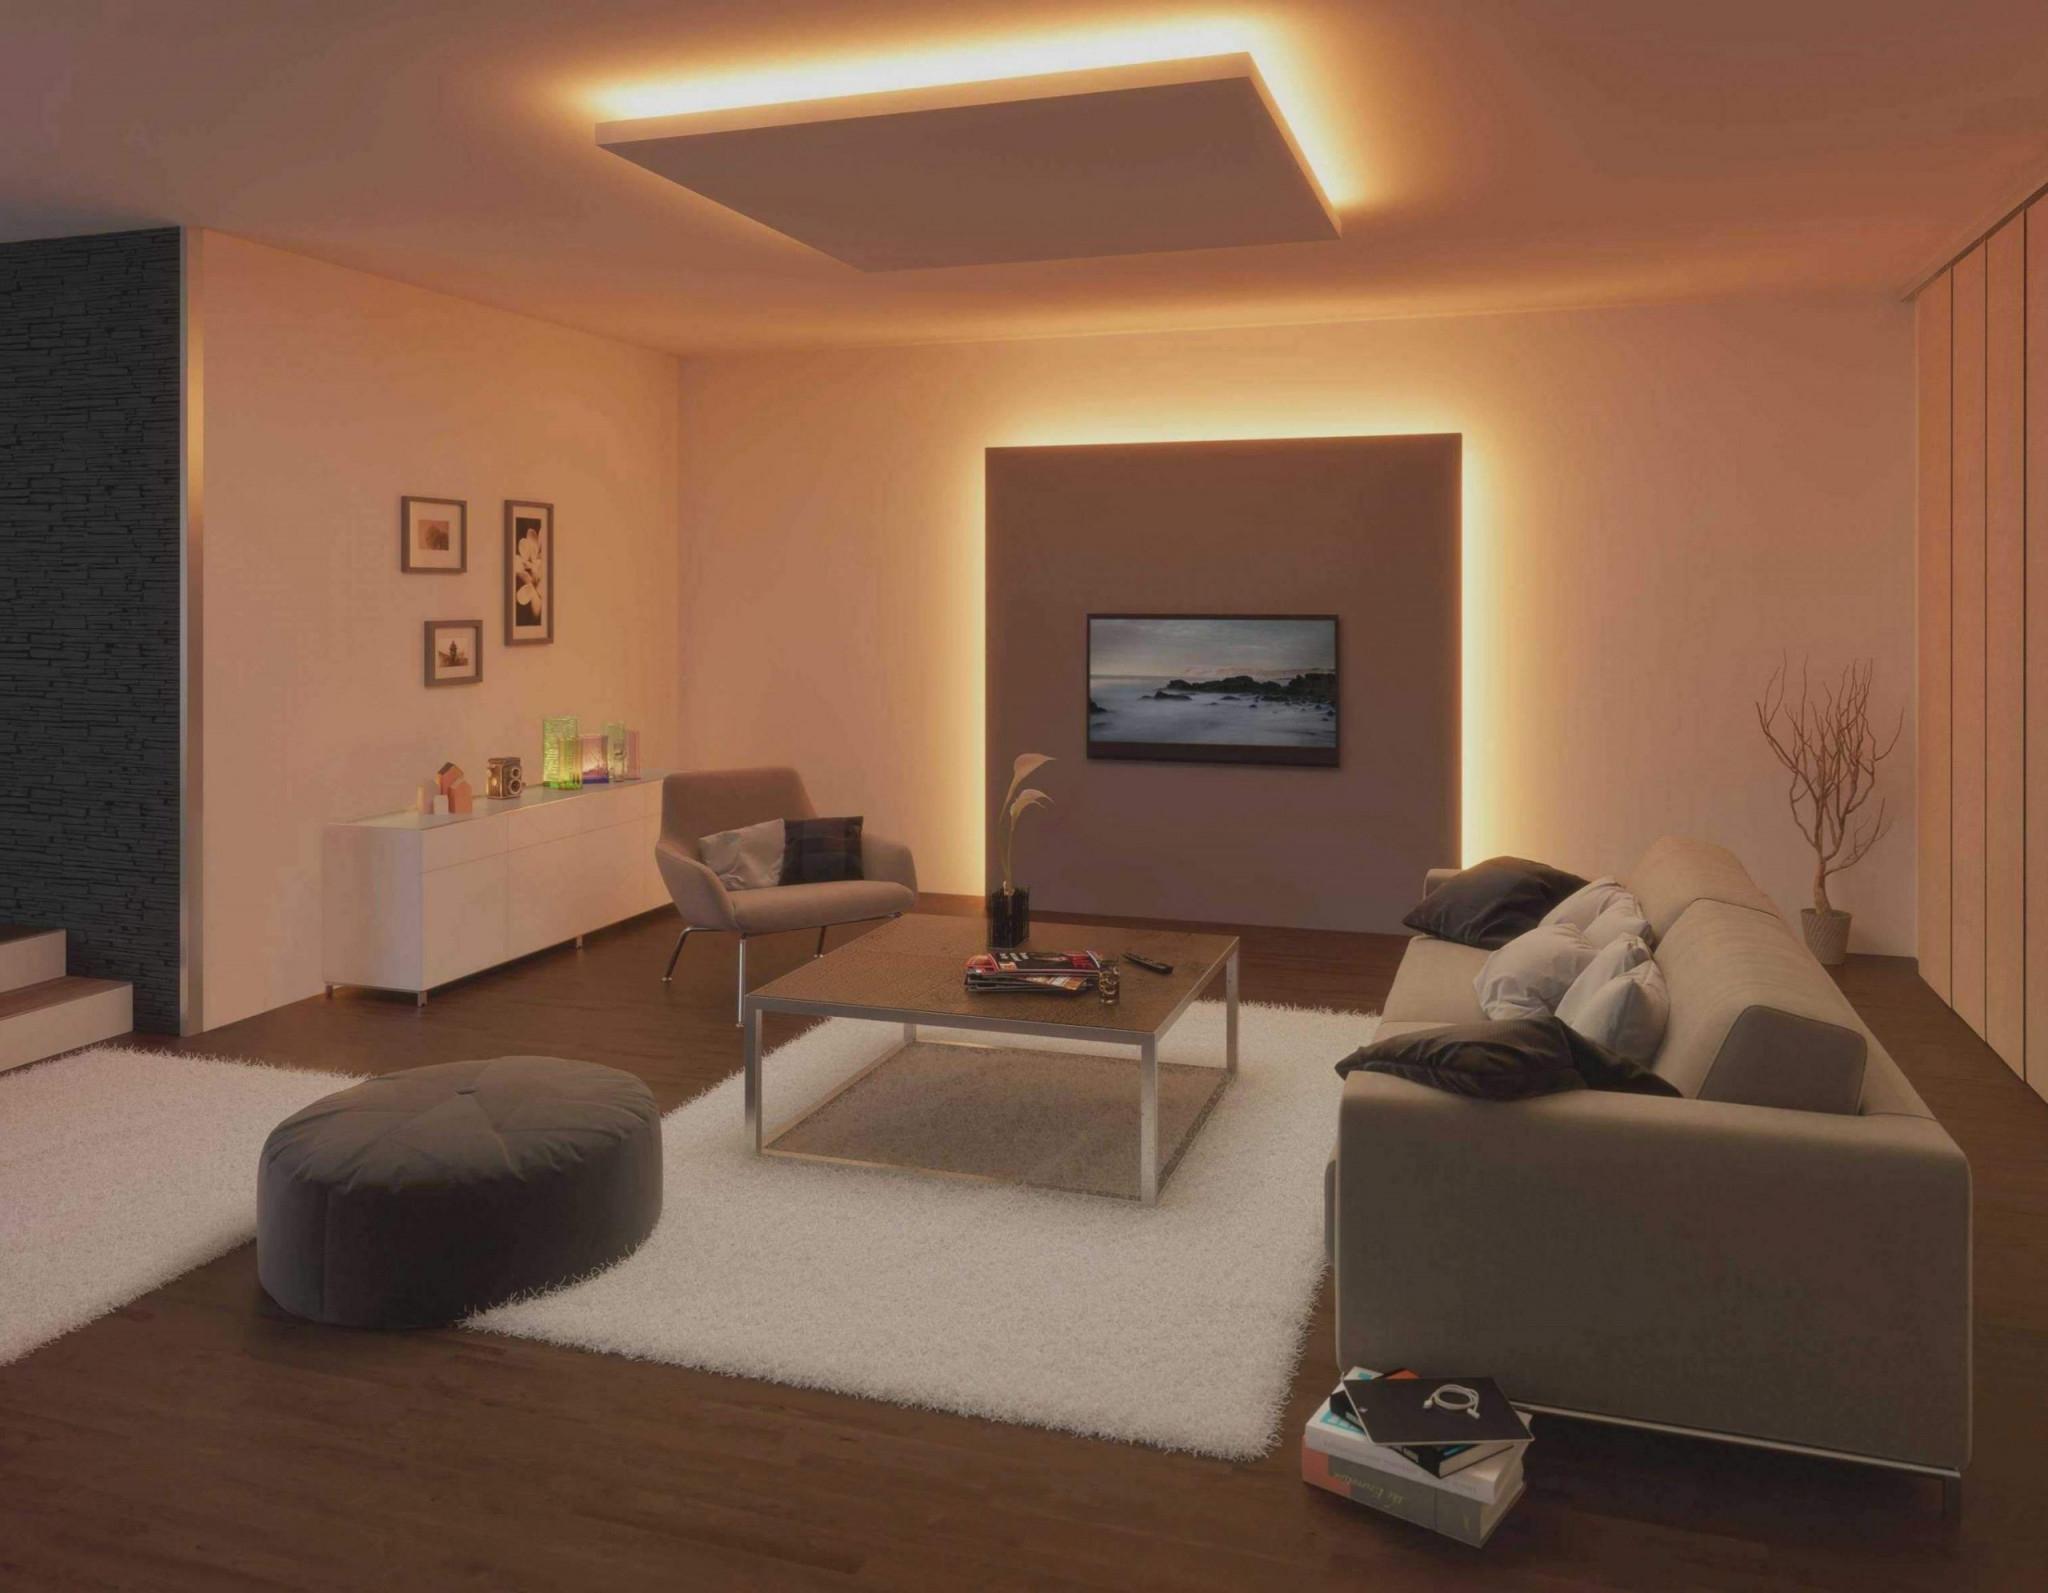 Kleine Wohnzimmer Modern Einrichten Luxus 50 Tolle Von von Wohnzimmer Gestalten Modern Bild